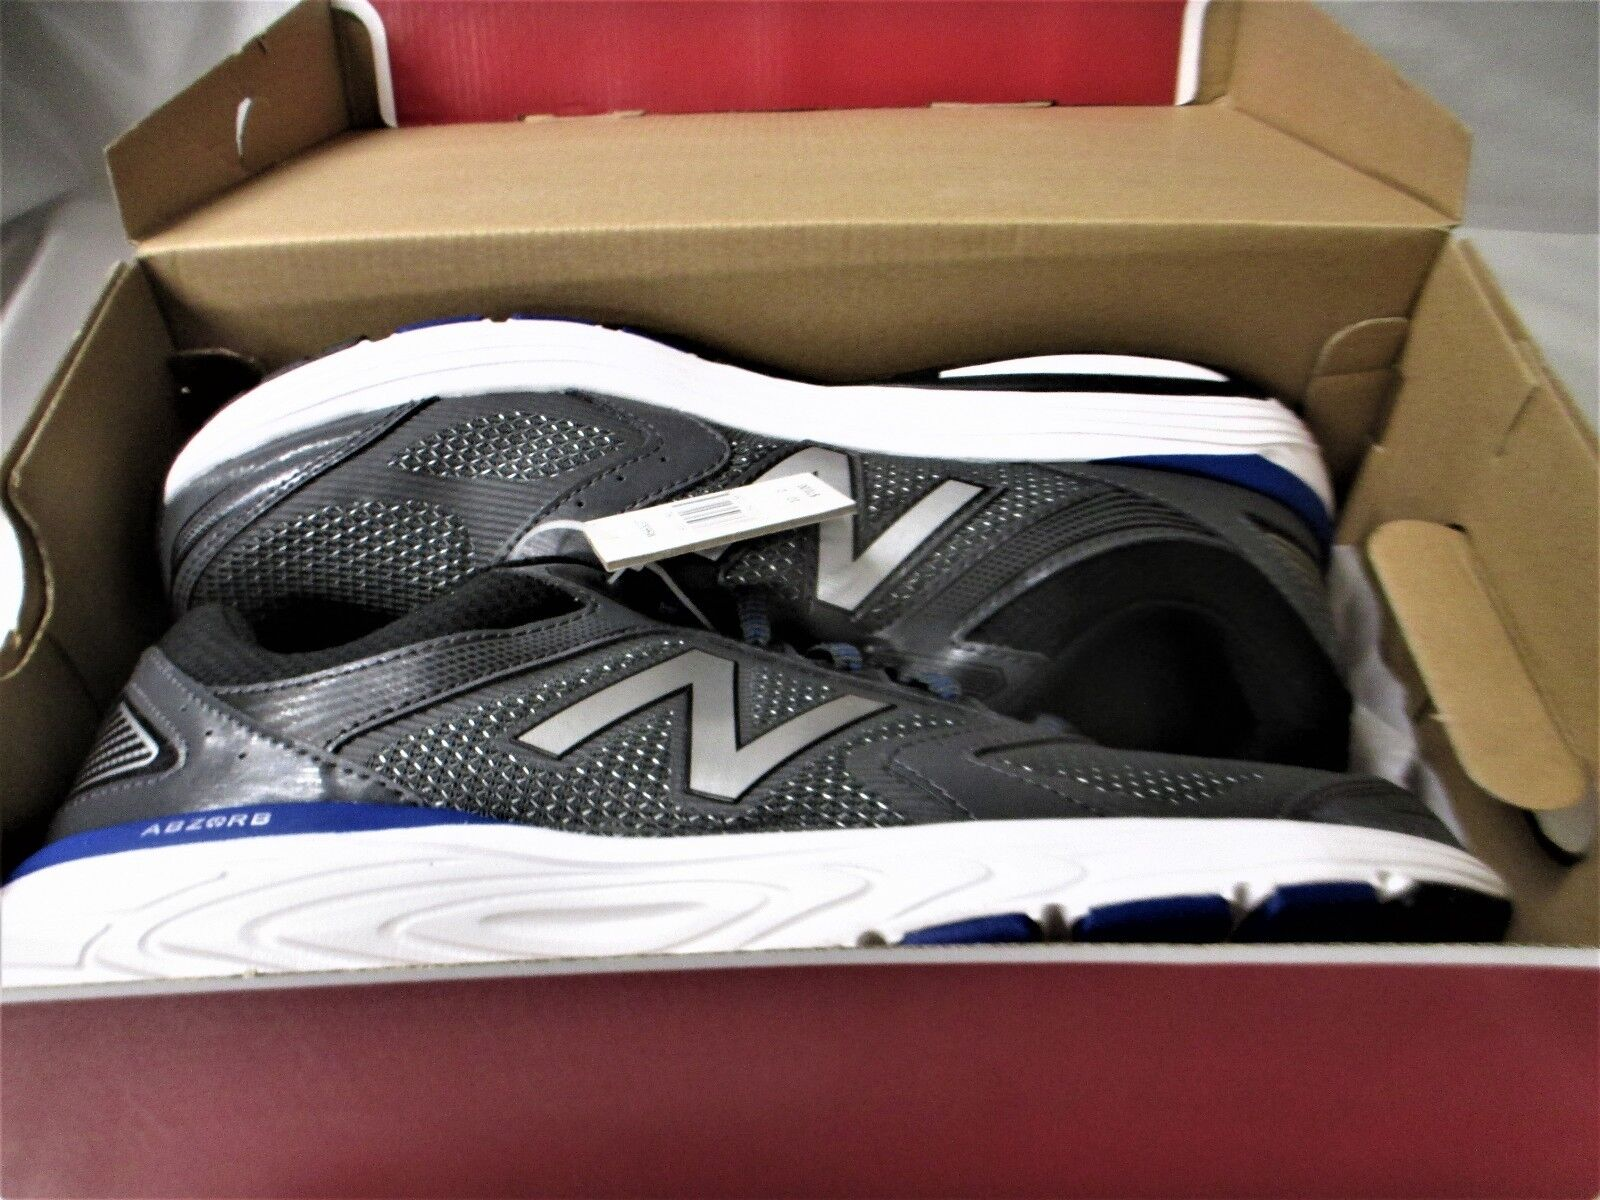 New Balance Mens 560v7 Cushioning Running shoes Grey 10.0 US Free Shipping